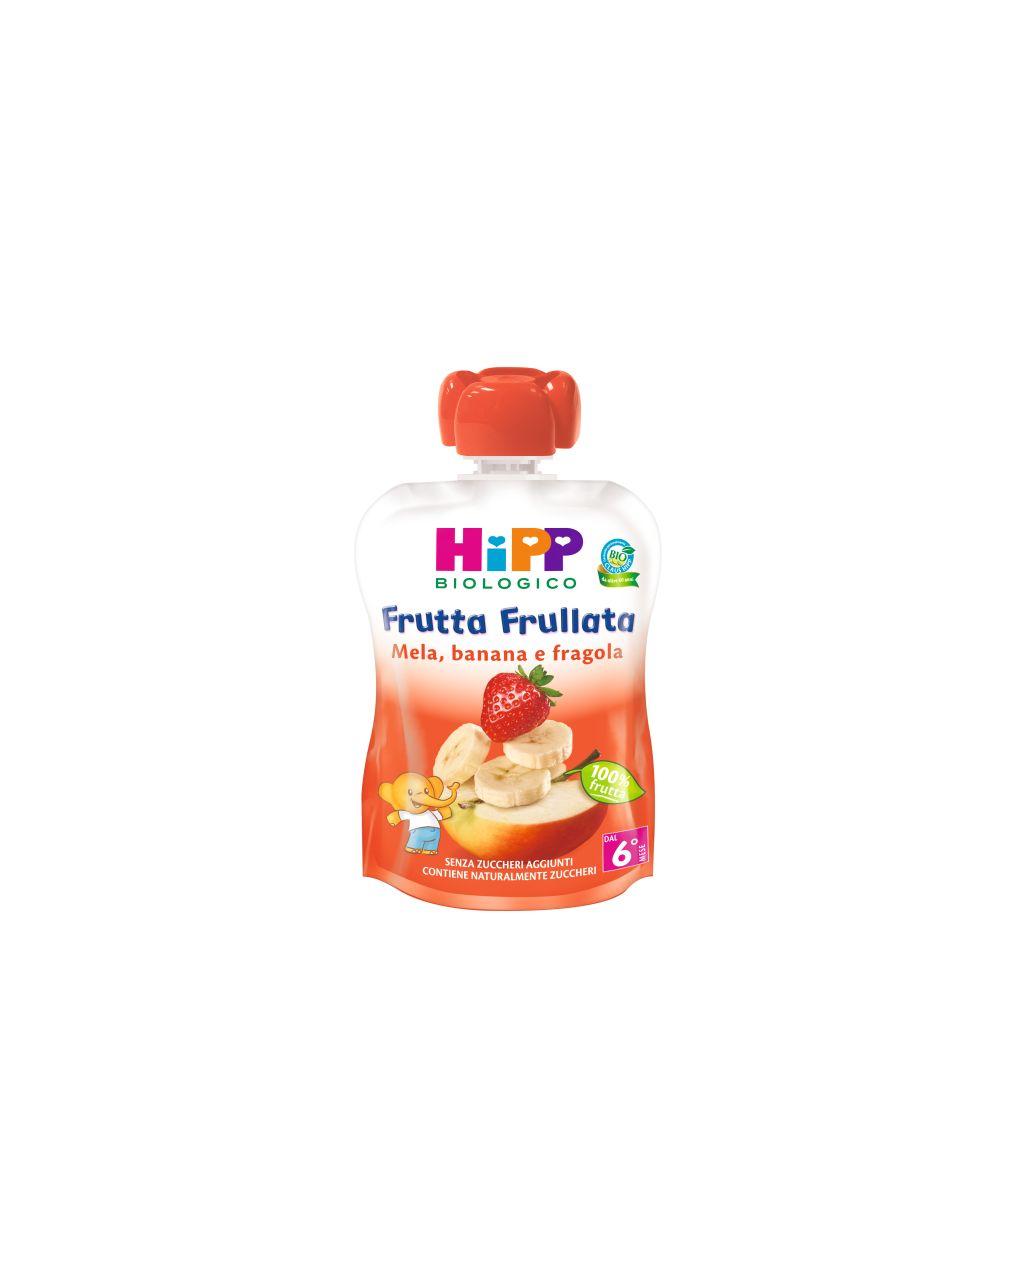 Hipp - frutta frullata mela, banana e fragola 90g - Hipp